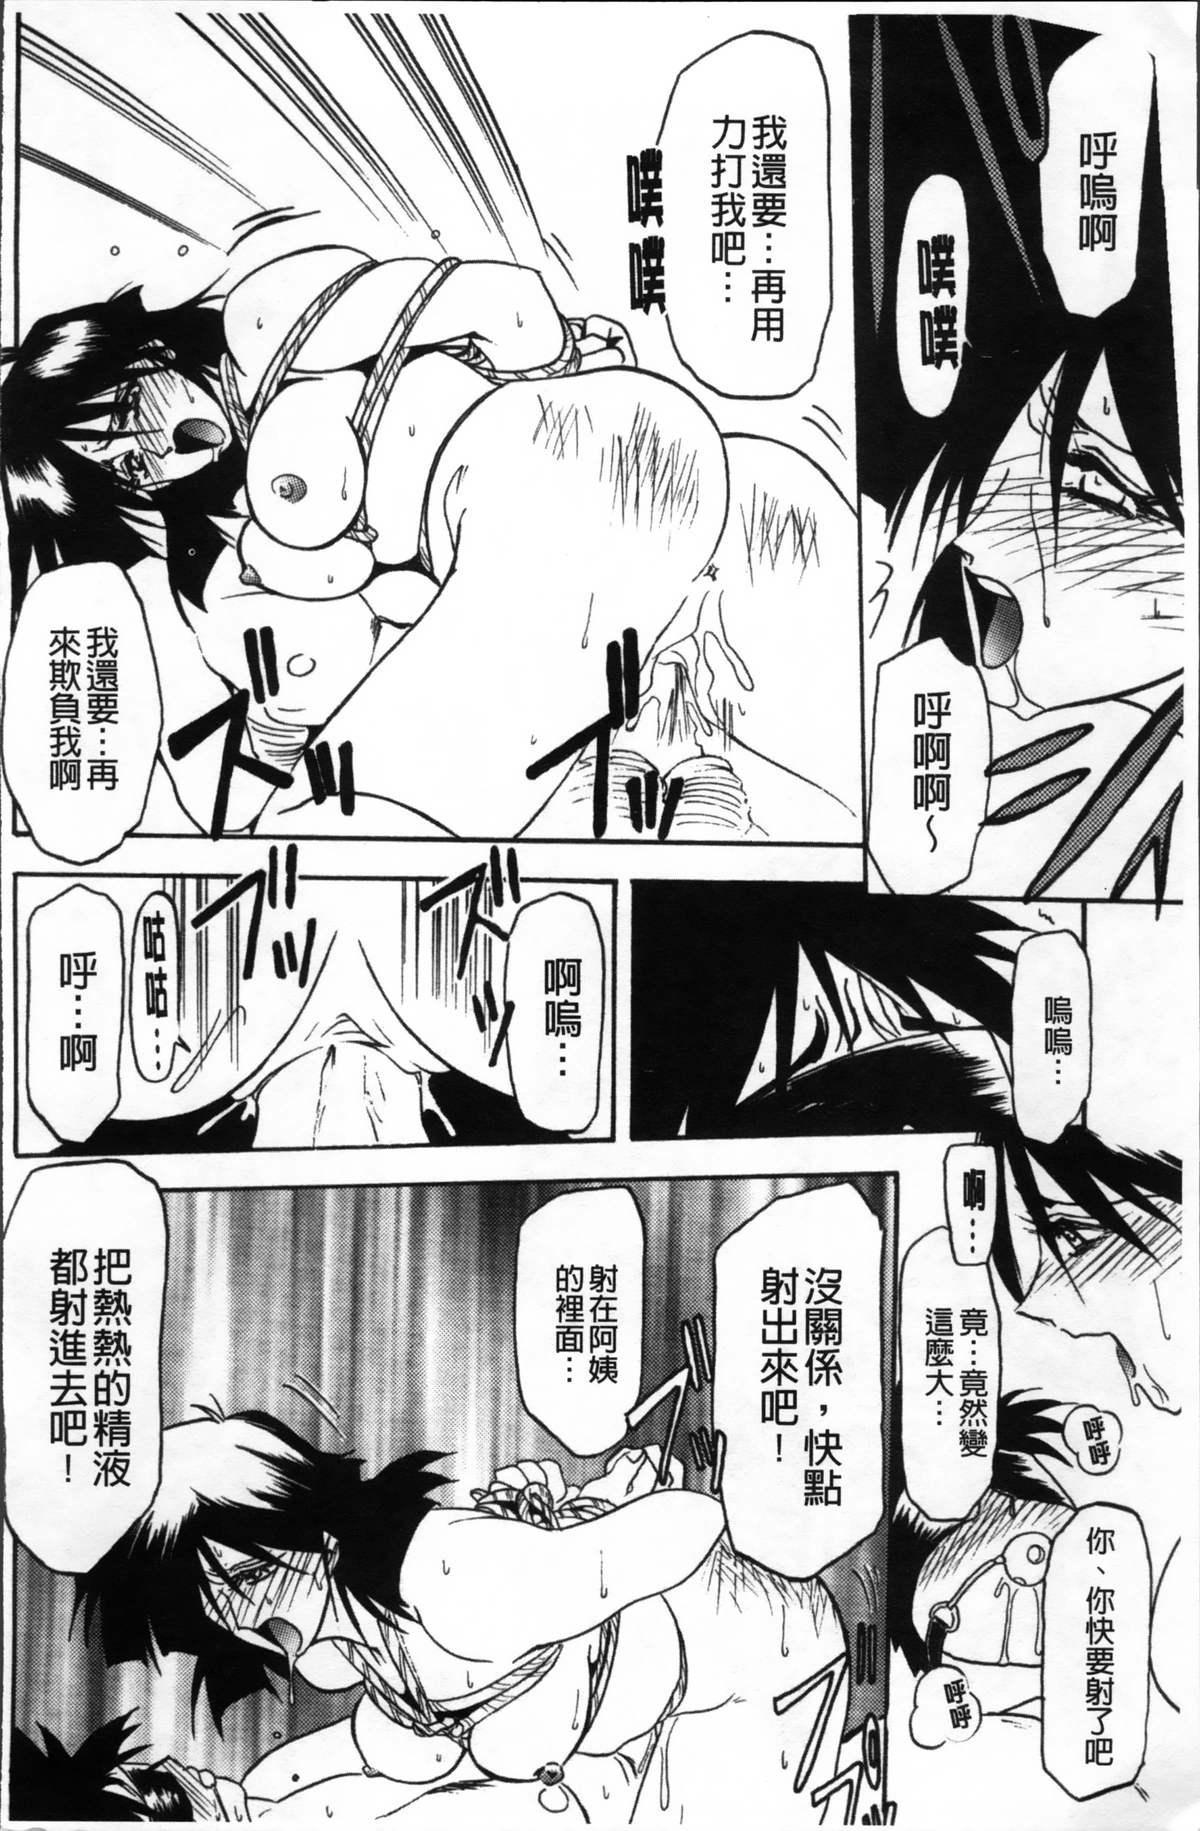 Hiiro no Koku Kanzenban   緋色之刻 完全版 151